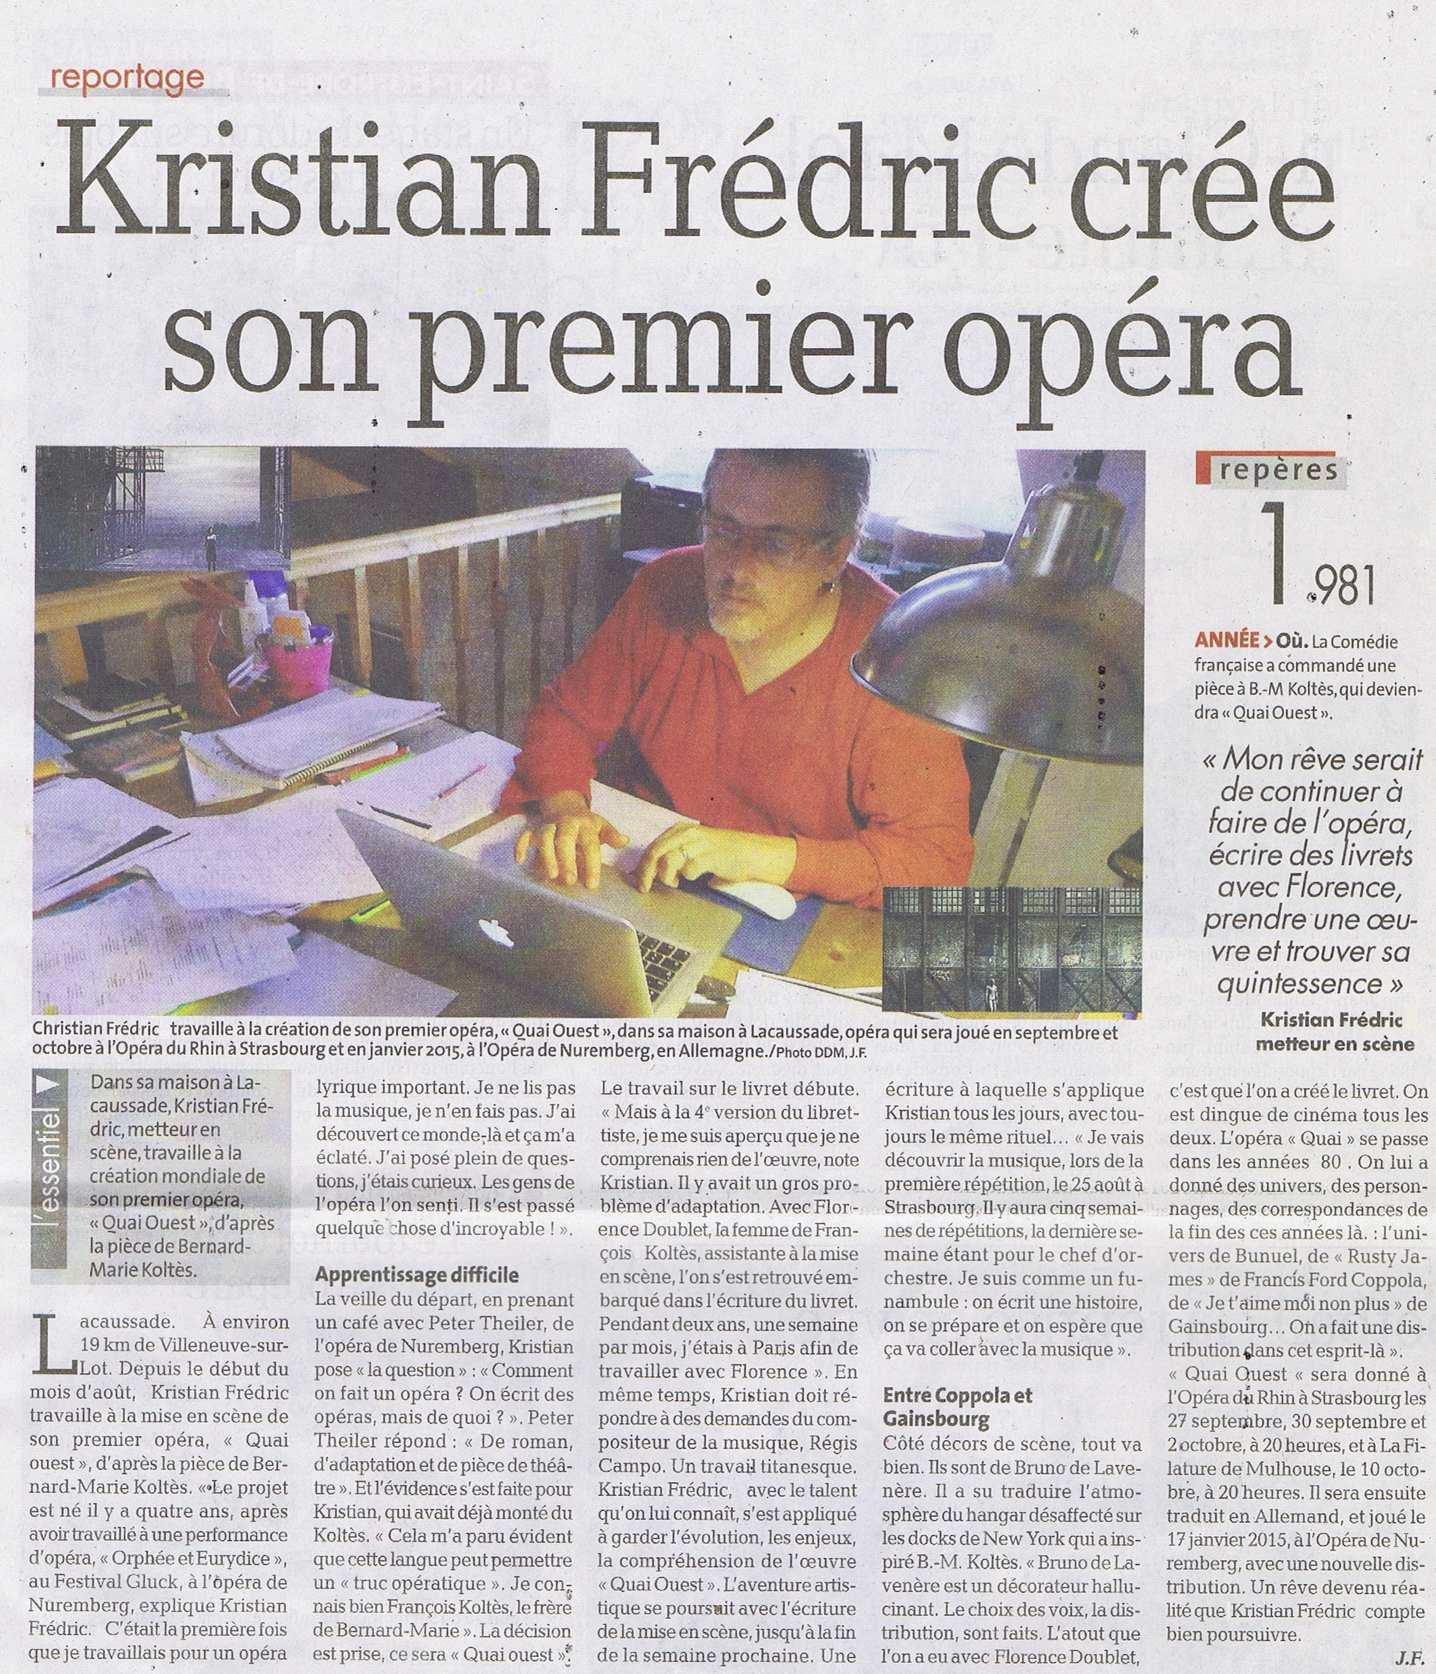 Opera Quai Ouest